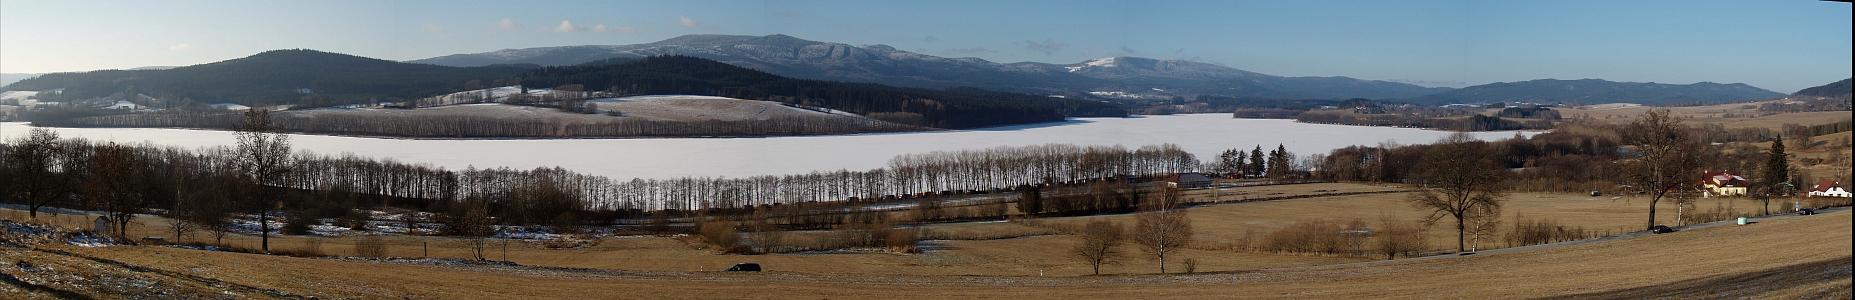 Zimní pohled na hraniční hřeben se Smrčinou a Plechým od Horní Plané